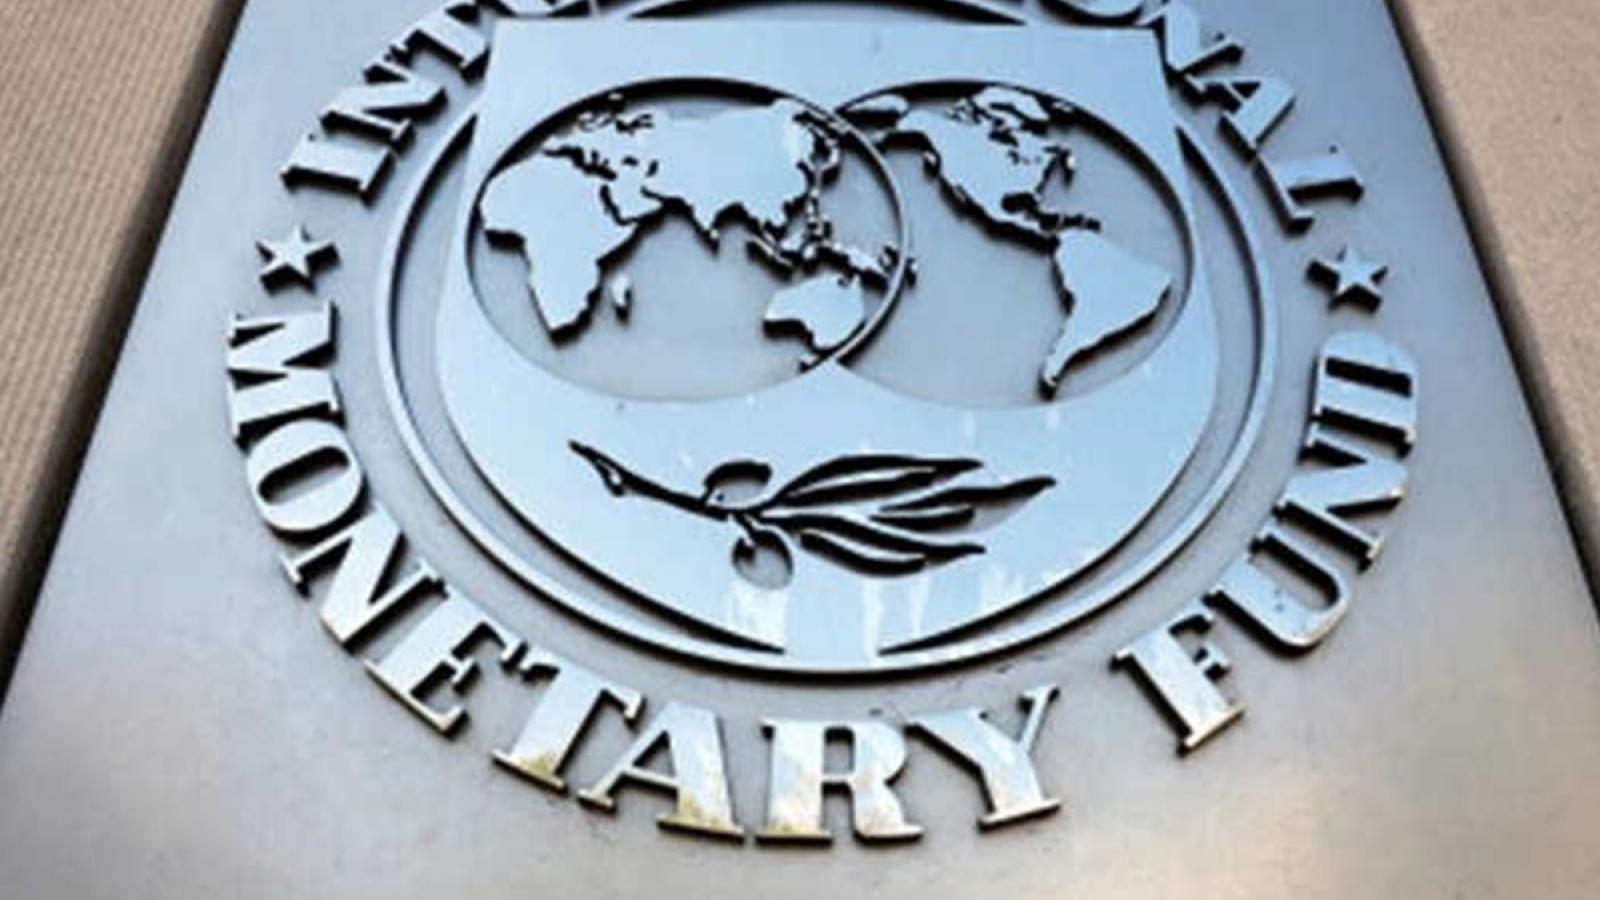 Quỹ Tiền tệ quốc tế nâng mức dự báo tăng trưởng toàn cầu năm 2021 lên 6%